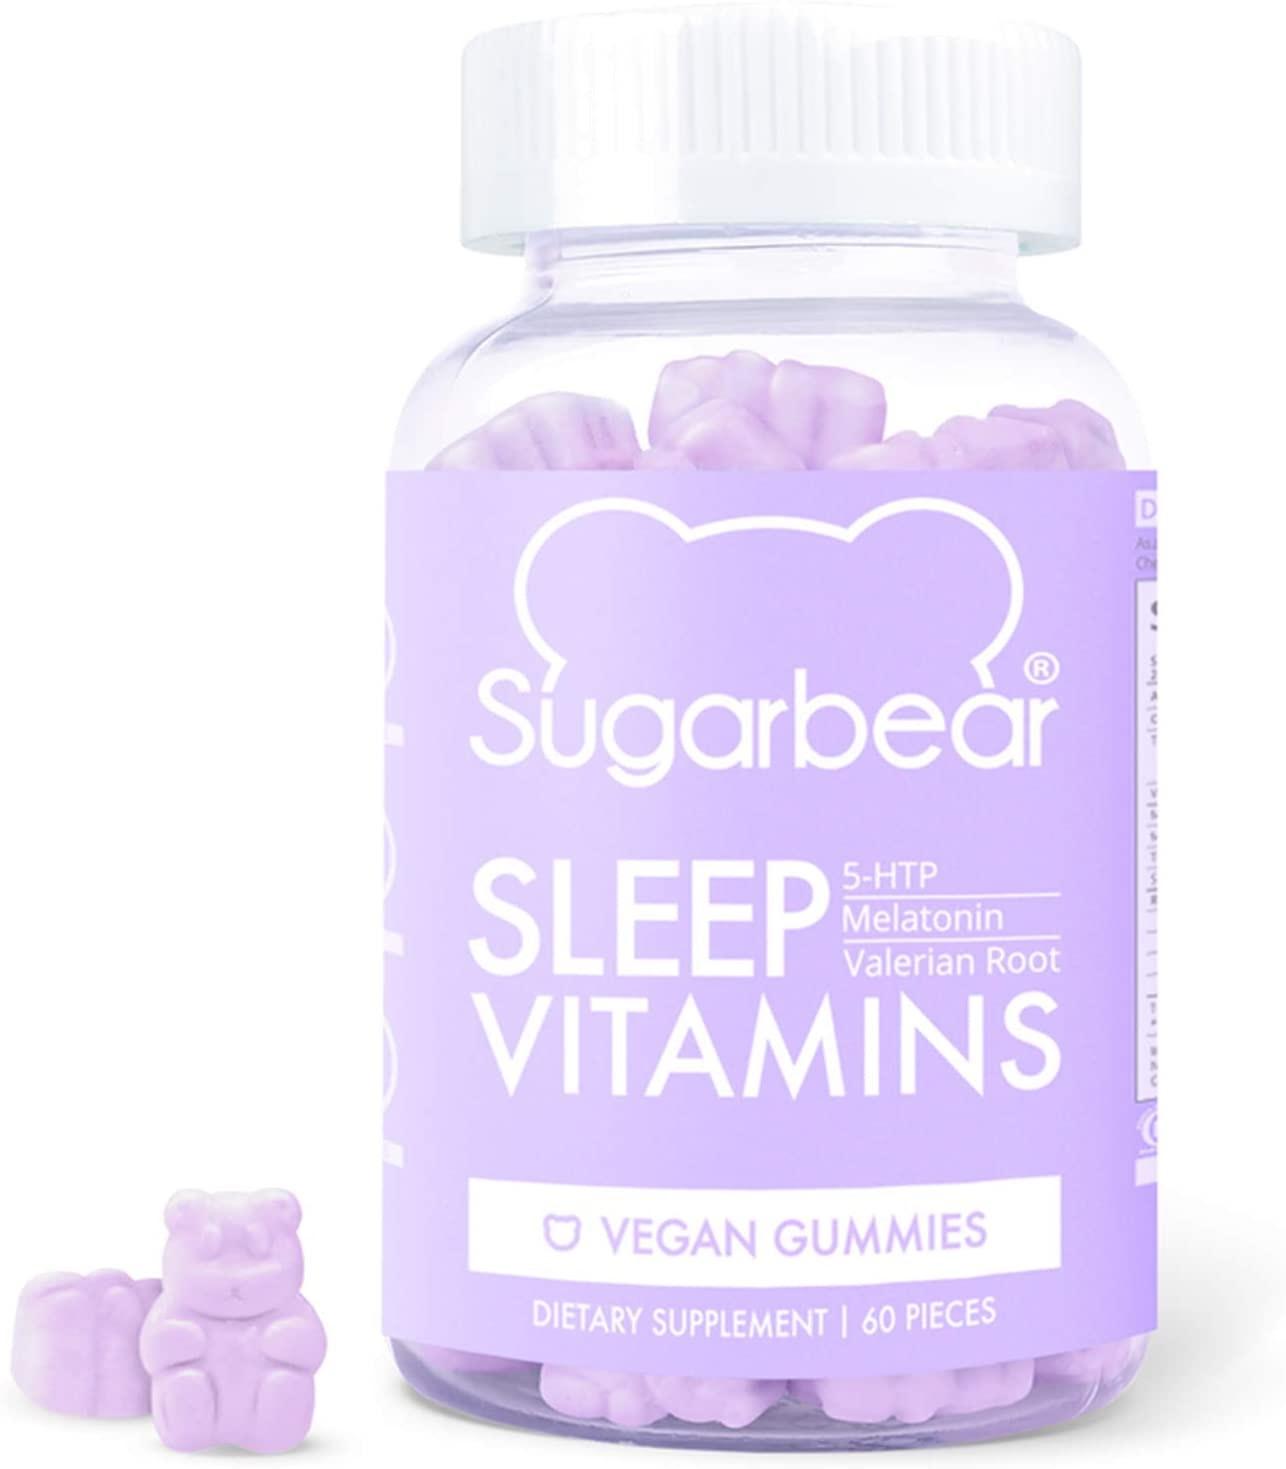 SugarBear Sleep Gummies